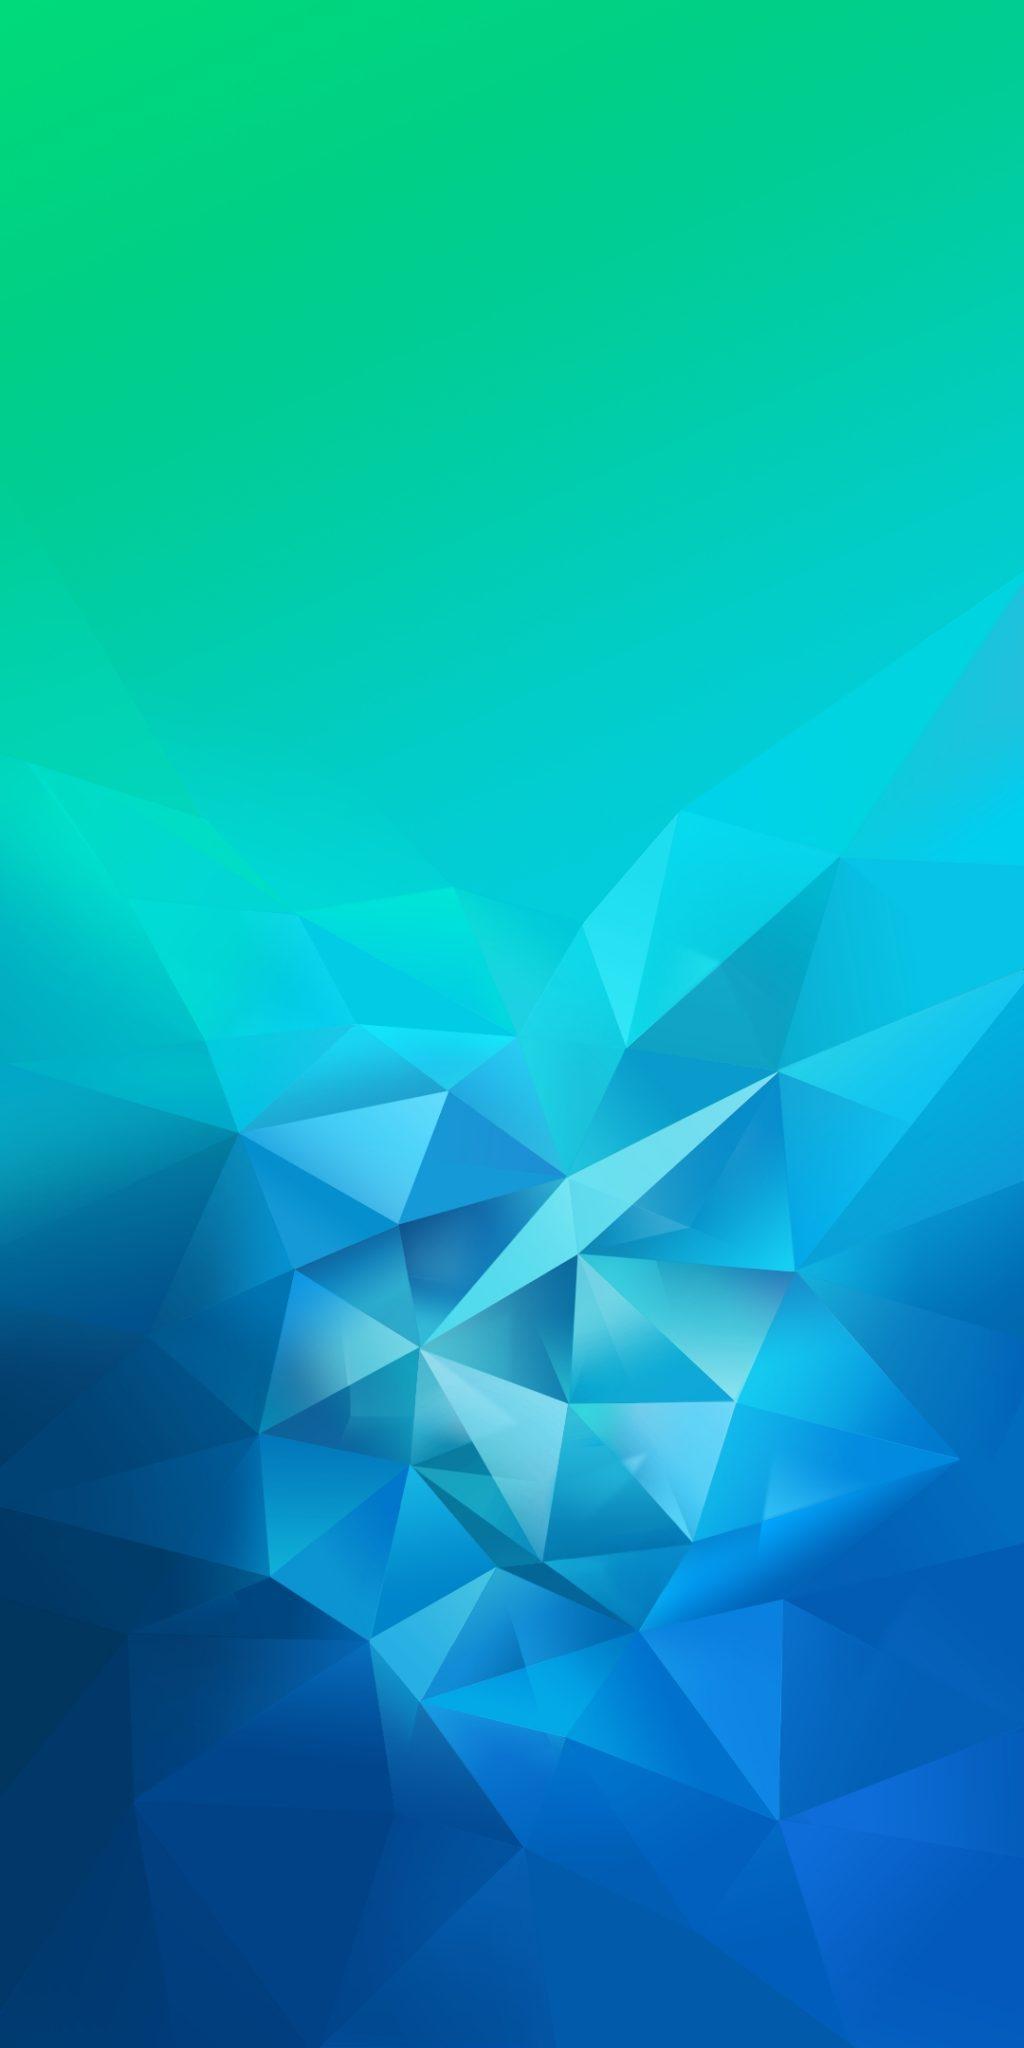 Oppo-Realme-Wall-TechFoogle-02